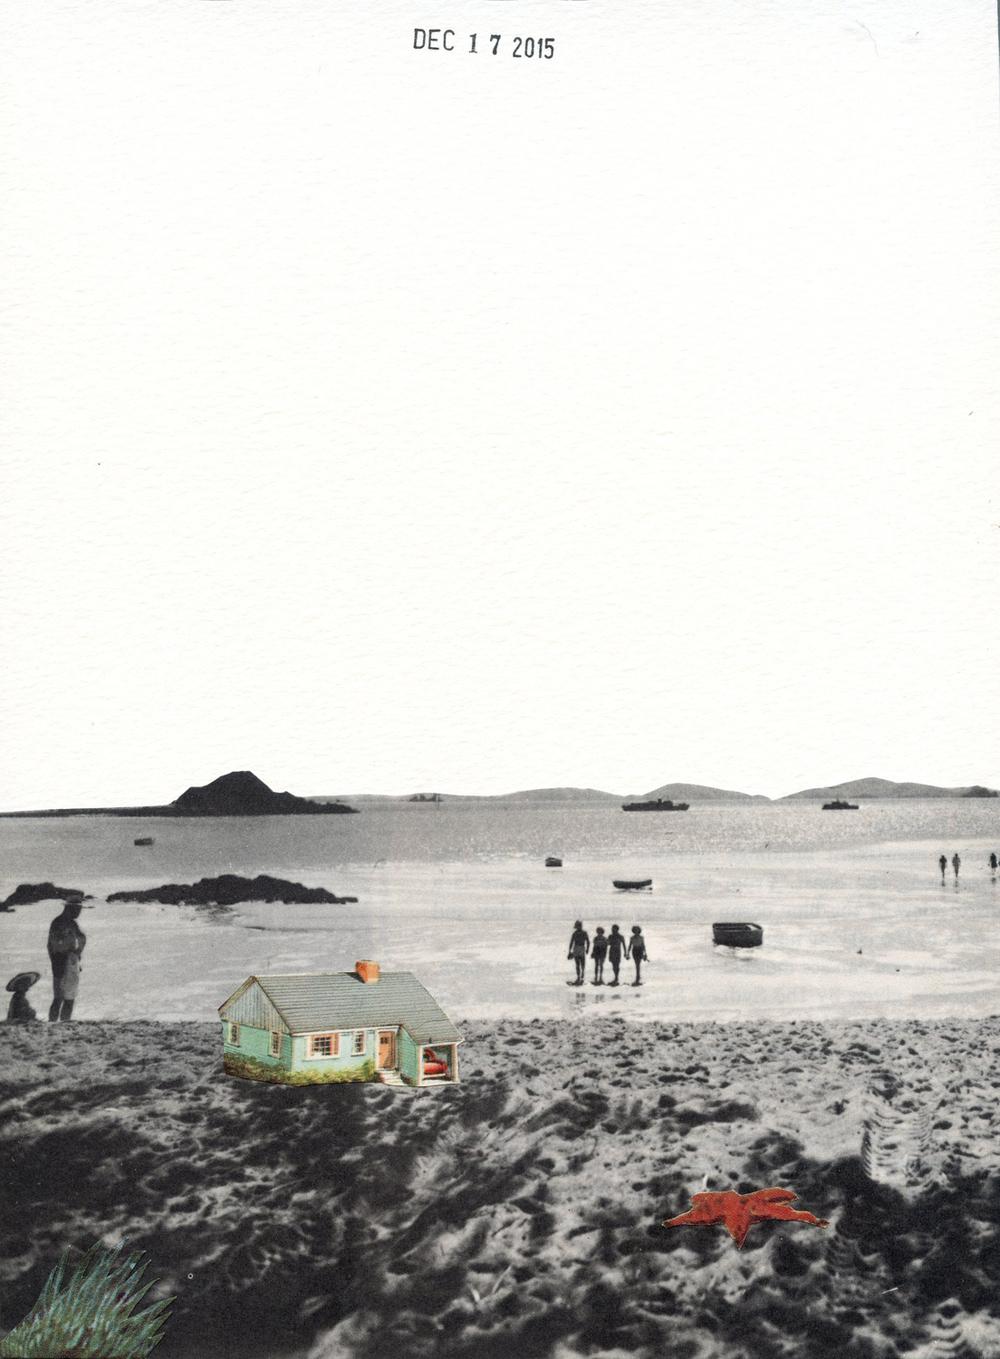 Beach House (75)